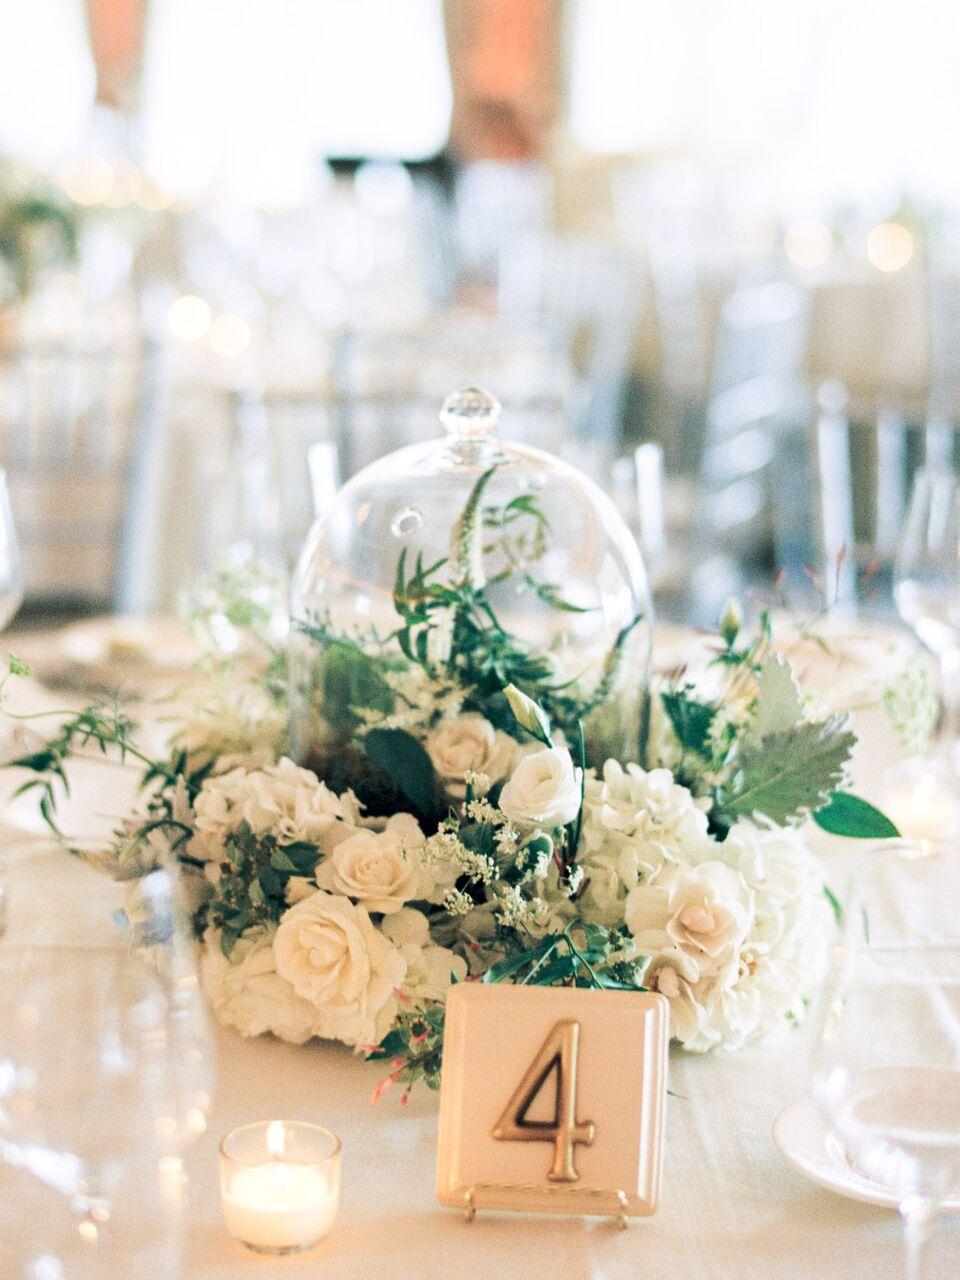 cloche wedding centerpiece